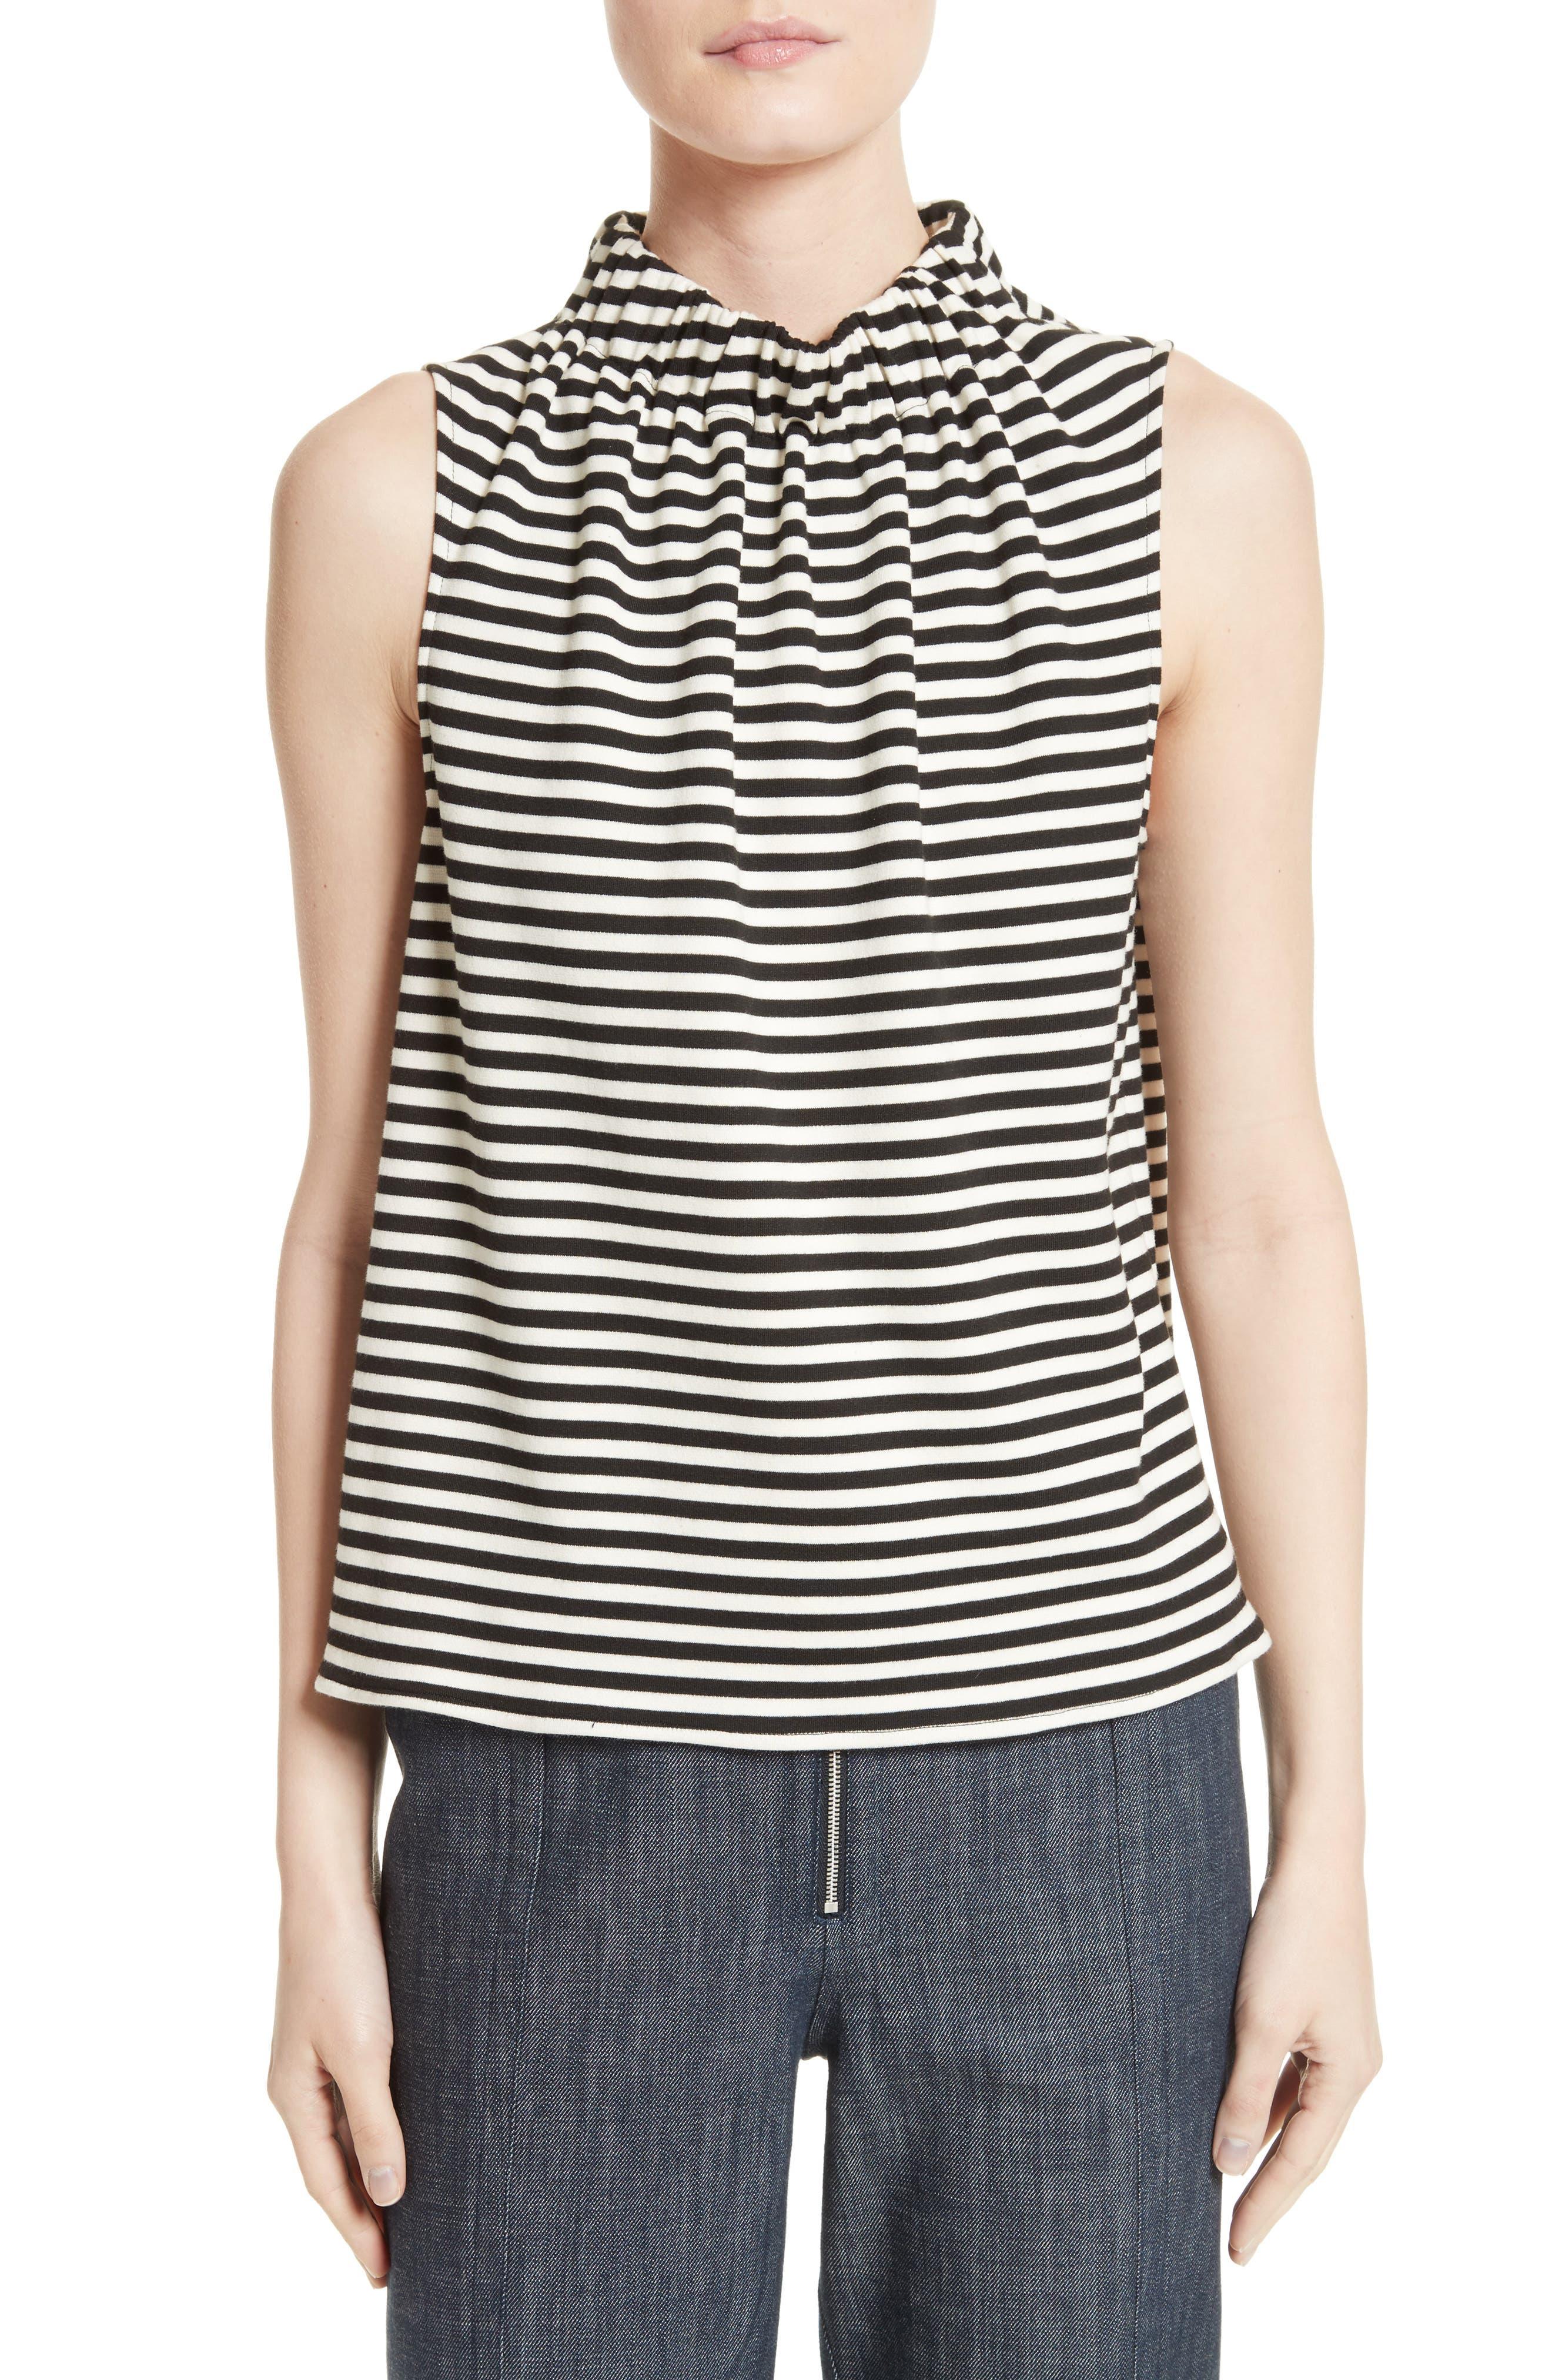 Alternate Image 1 Selected - Tibi Ren Stripe Top